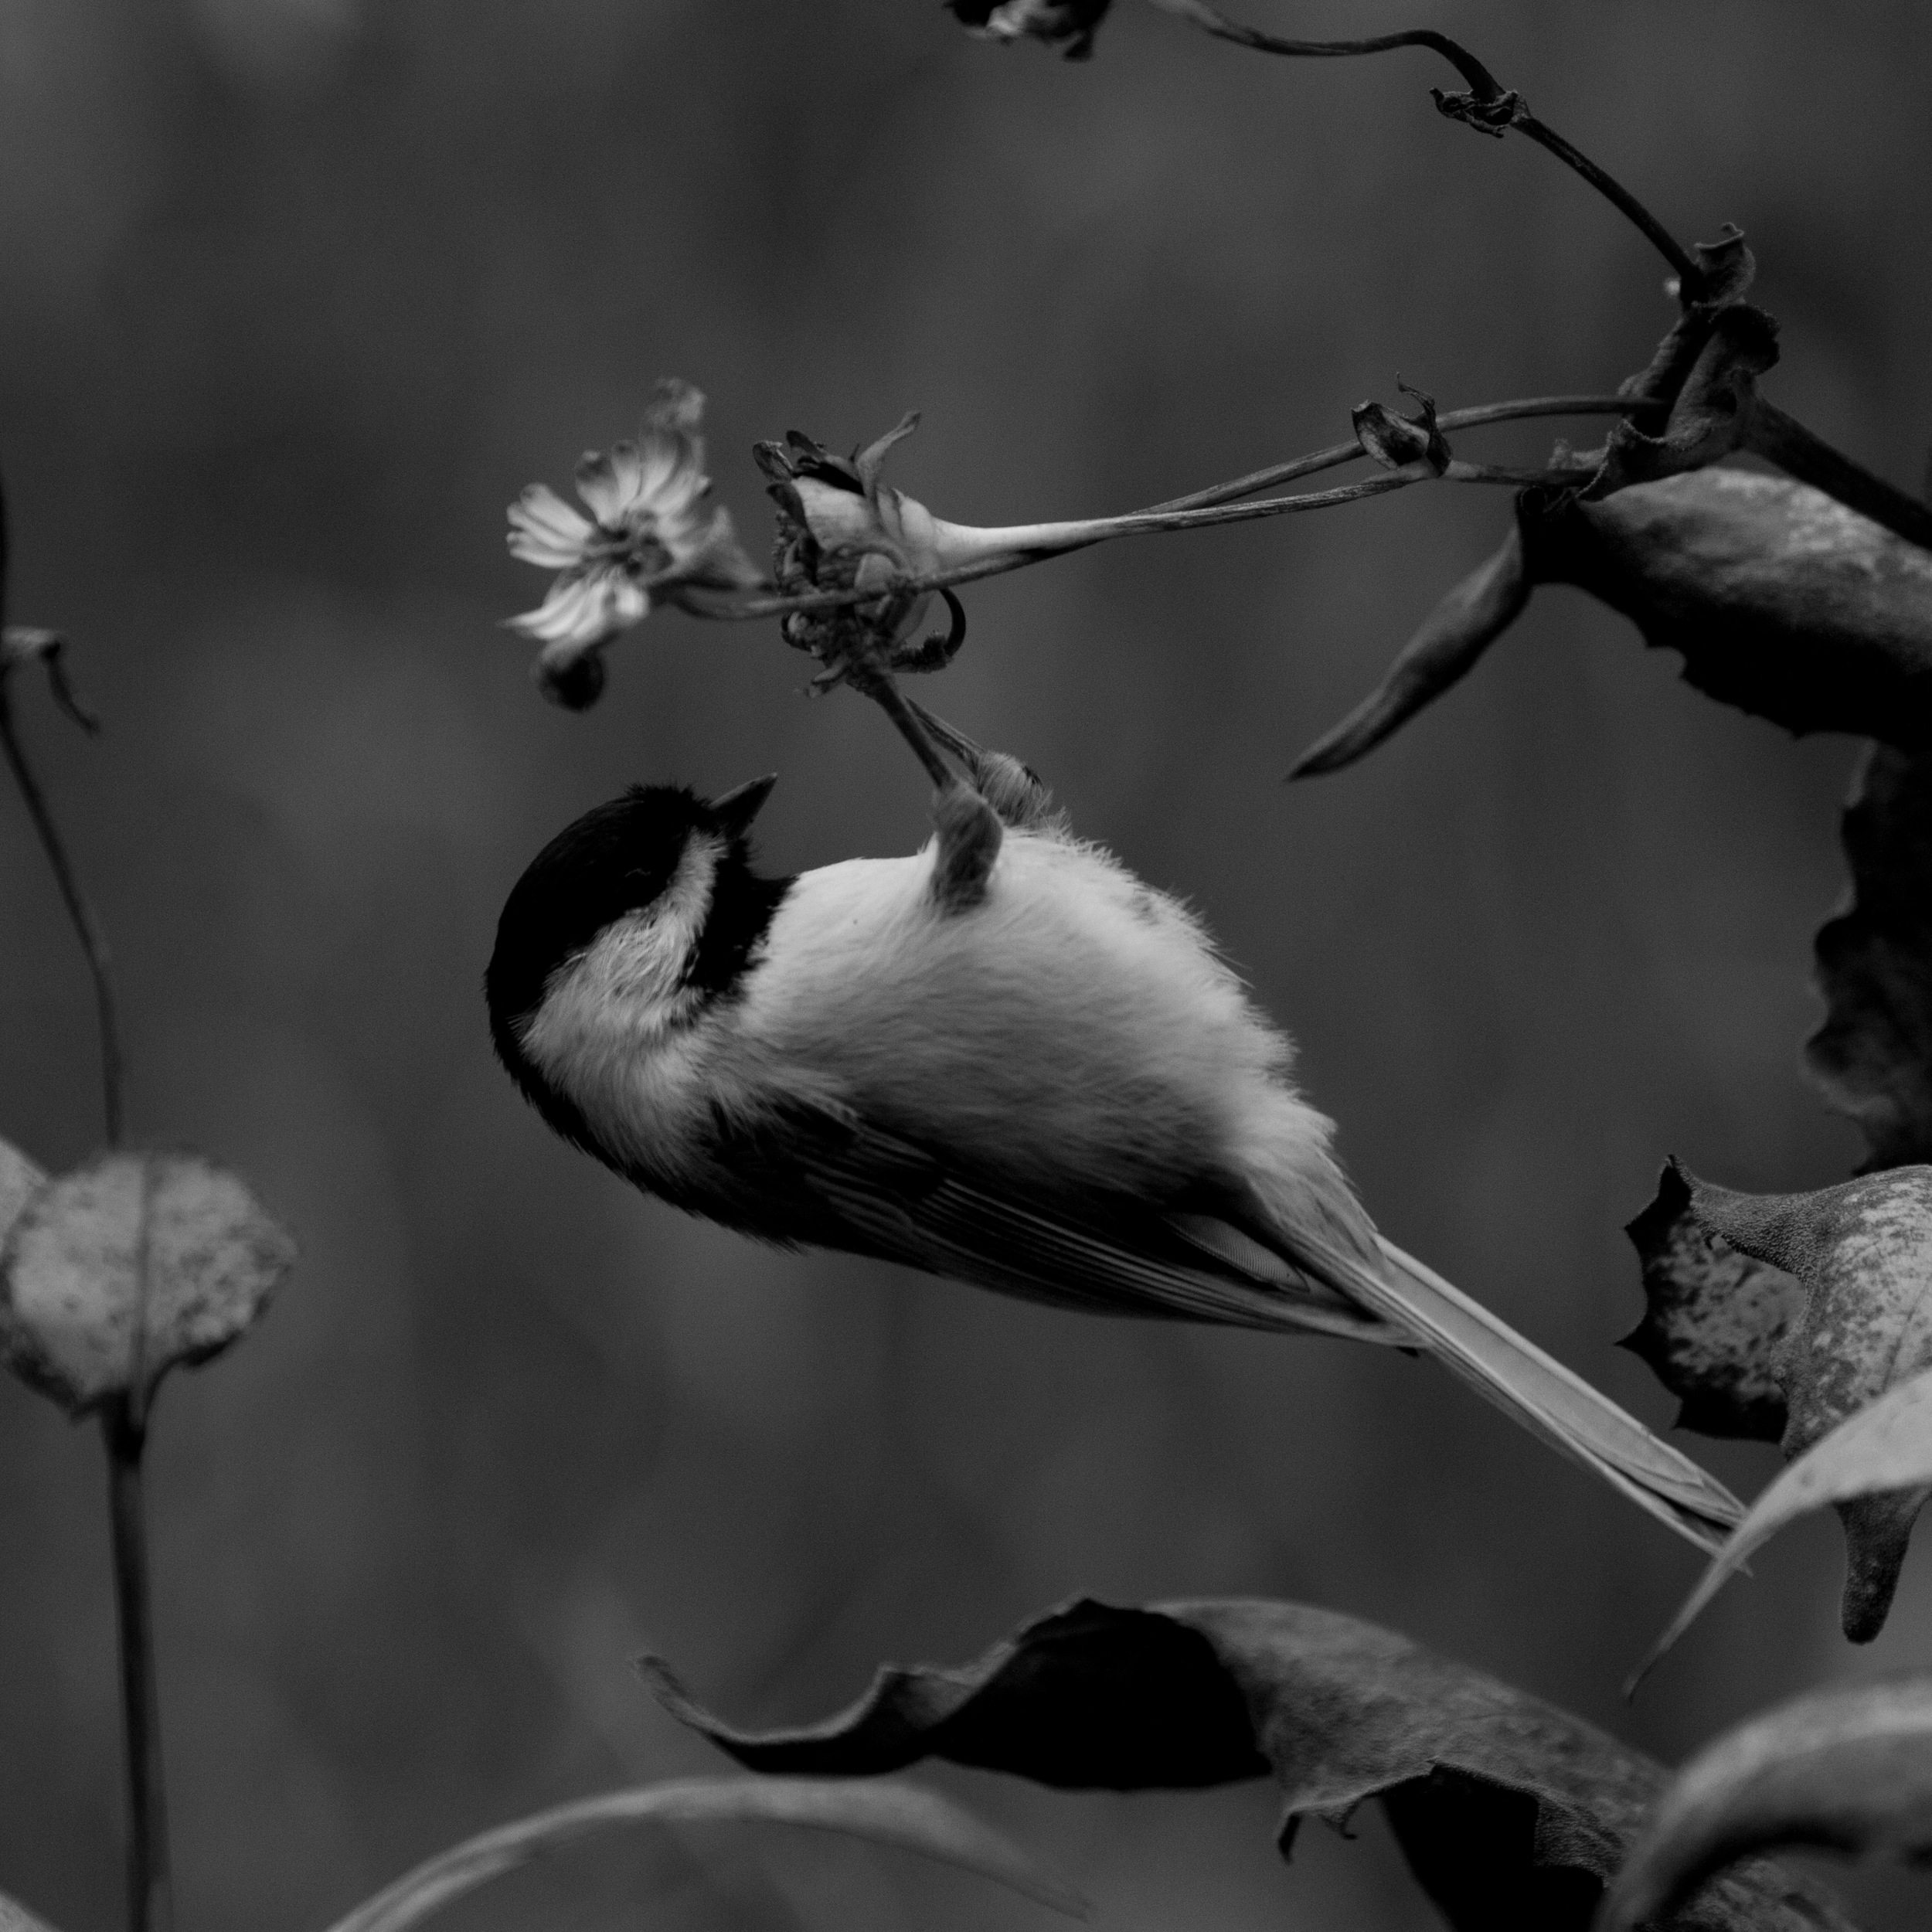 birdbw_mini (1).jpg